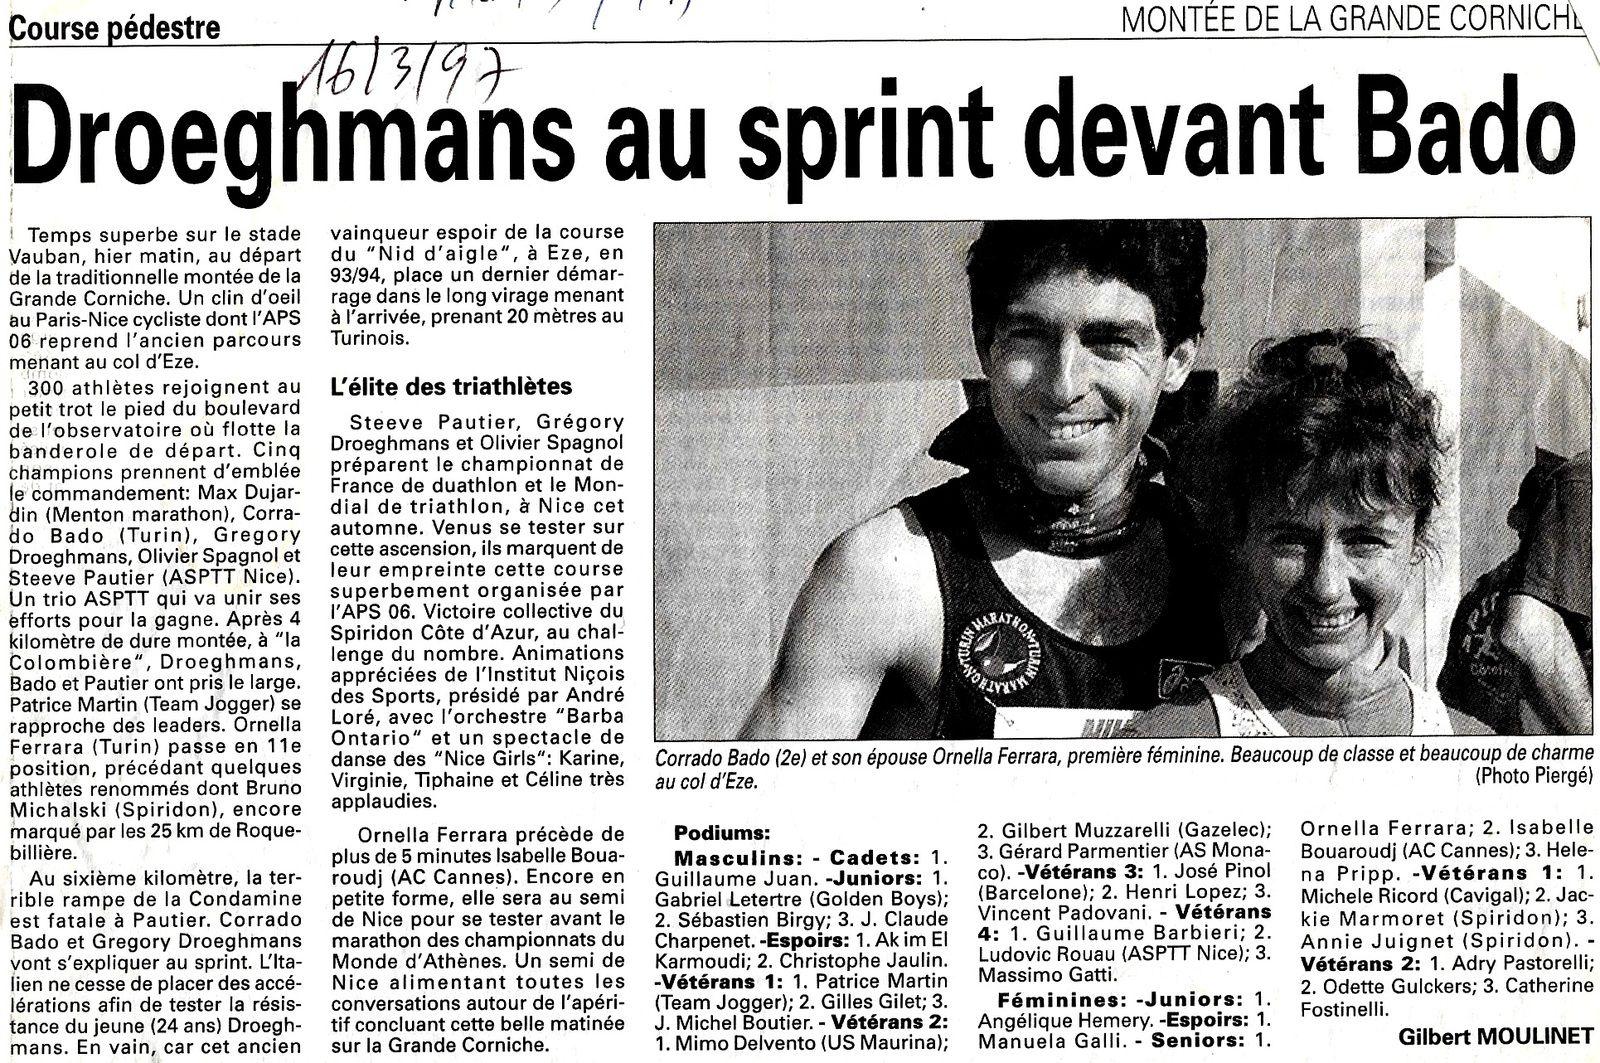 NICE la montée de la grande corniche 16.3.1997